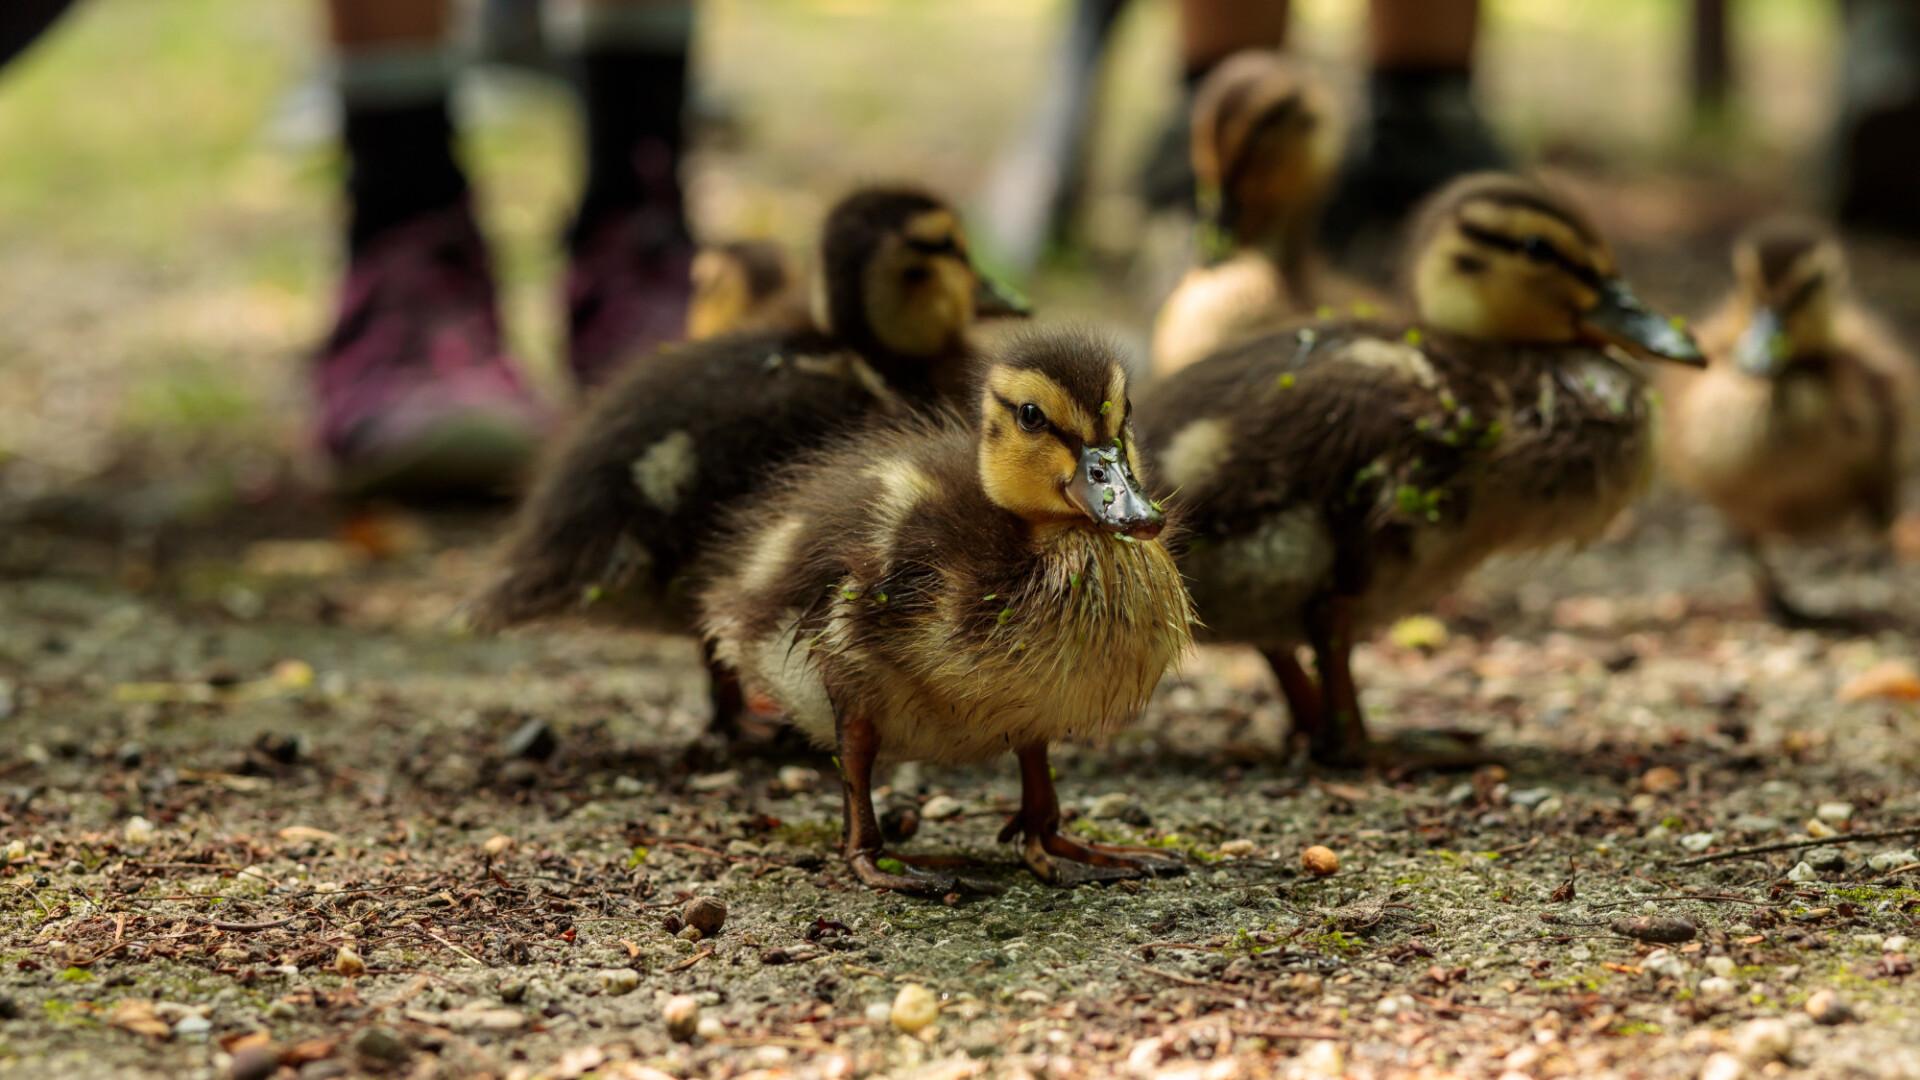 Many cute little ducklings